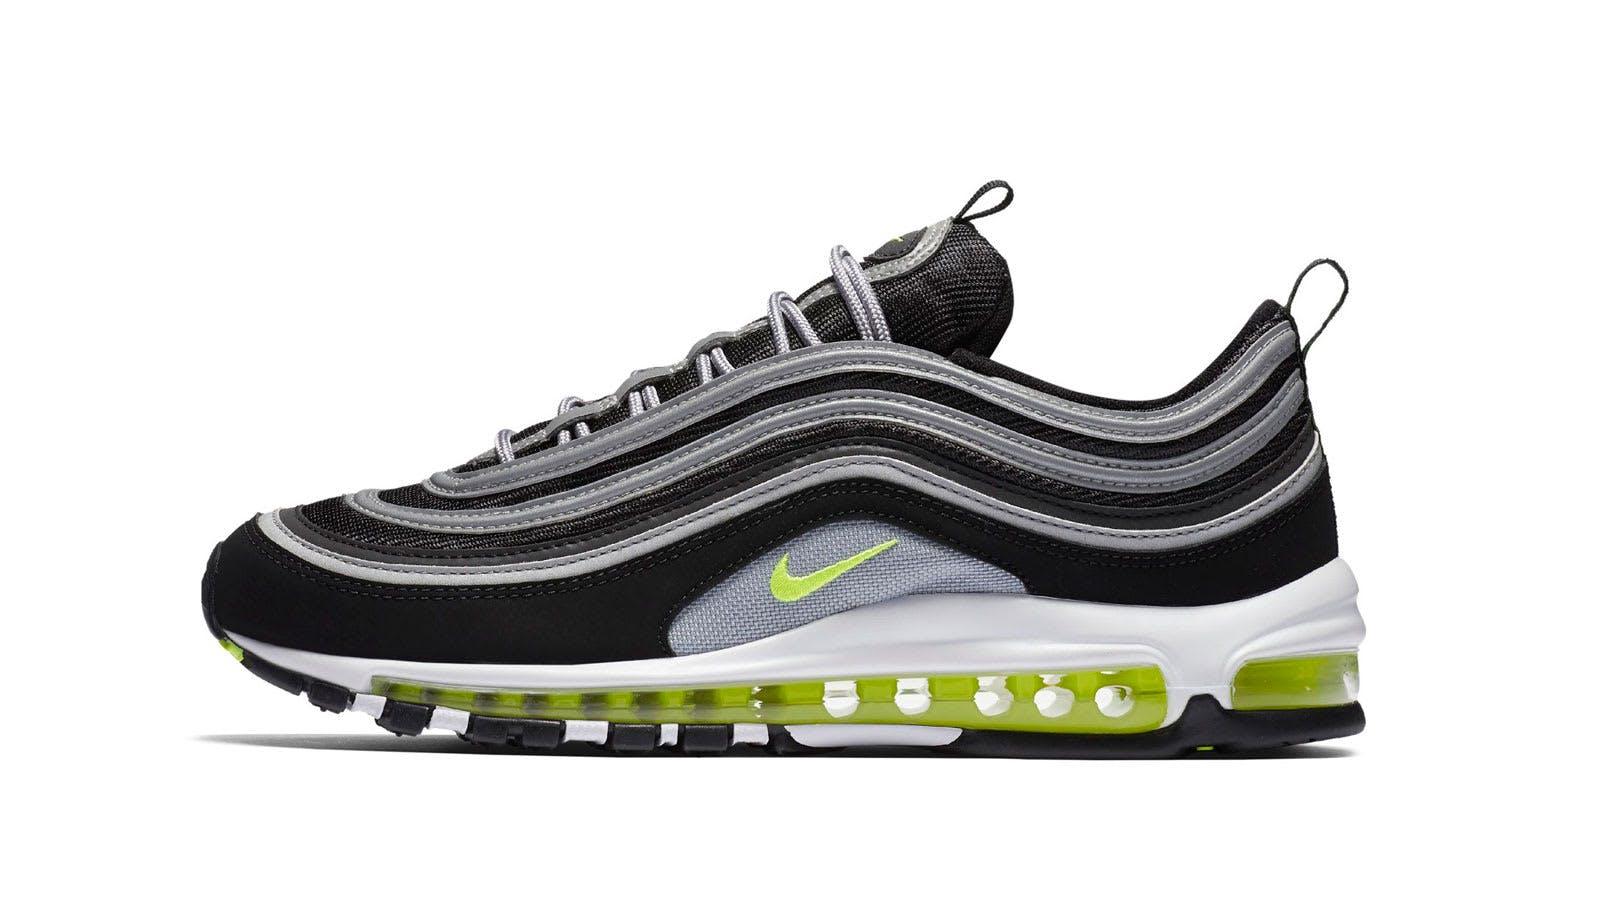 Nike 97 Menta Off White Bump